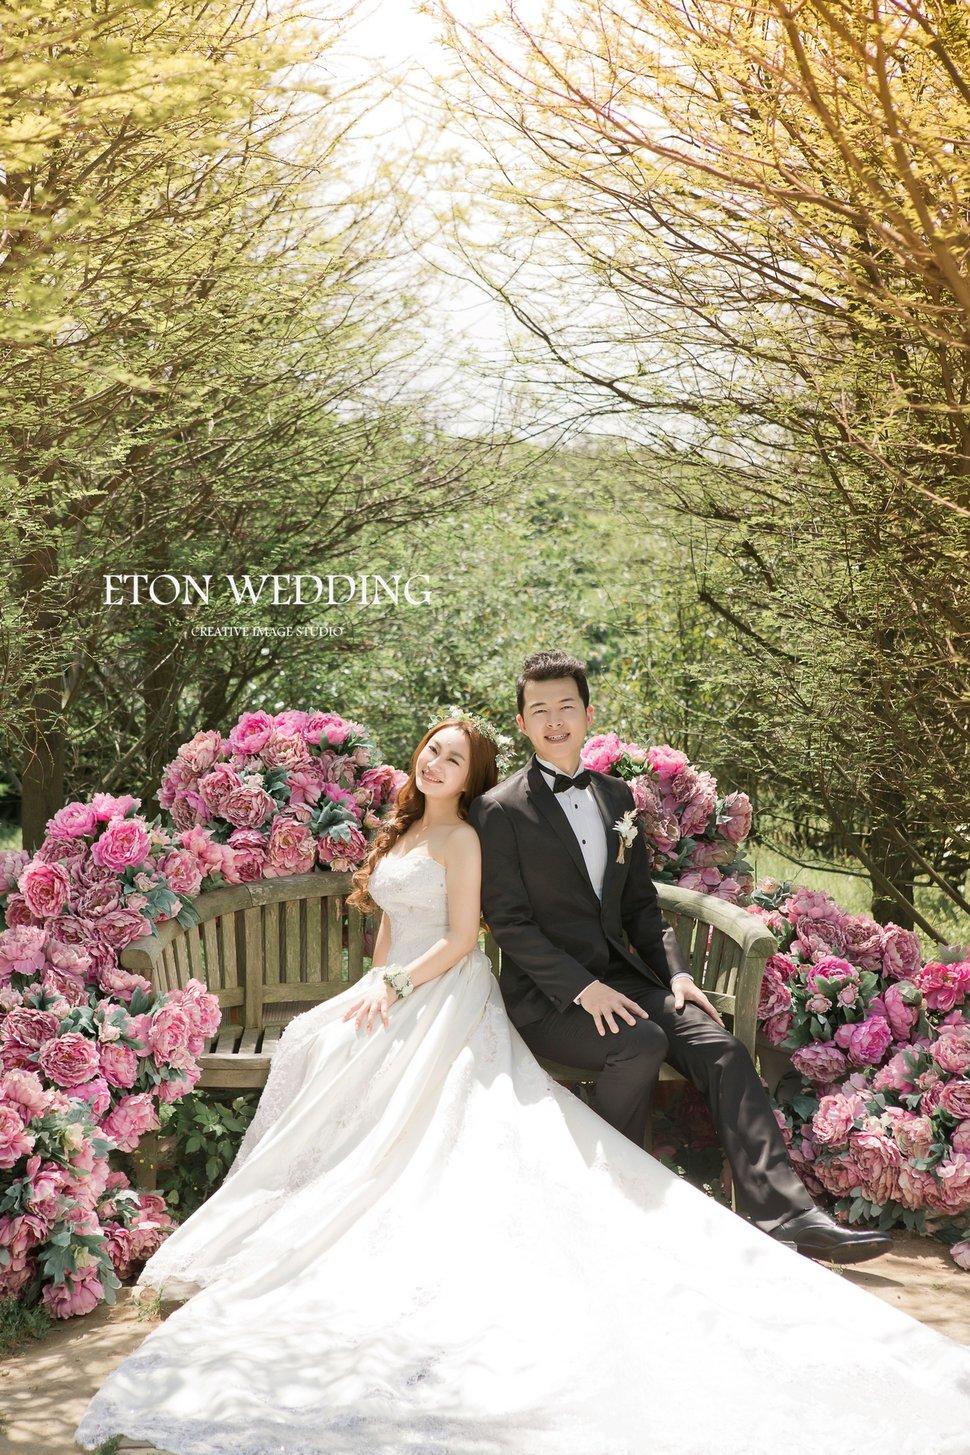 2019台北婚紗推薦,伊頓自助婚紗 (37) - 伊頓自助婚紗 ▌台北高雄板橋桃園新竹台南《結婚吧》